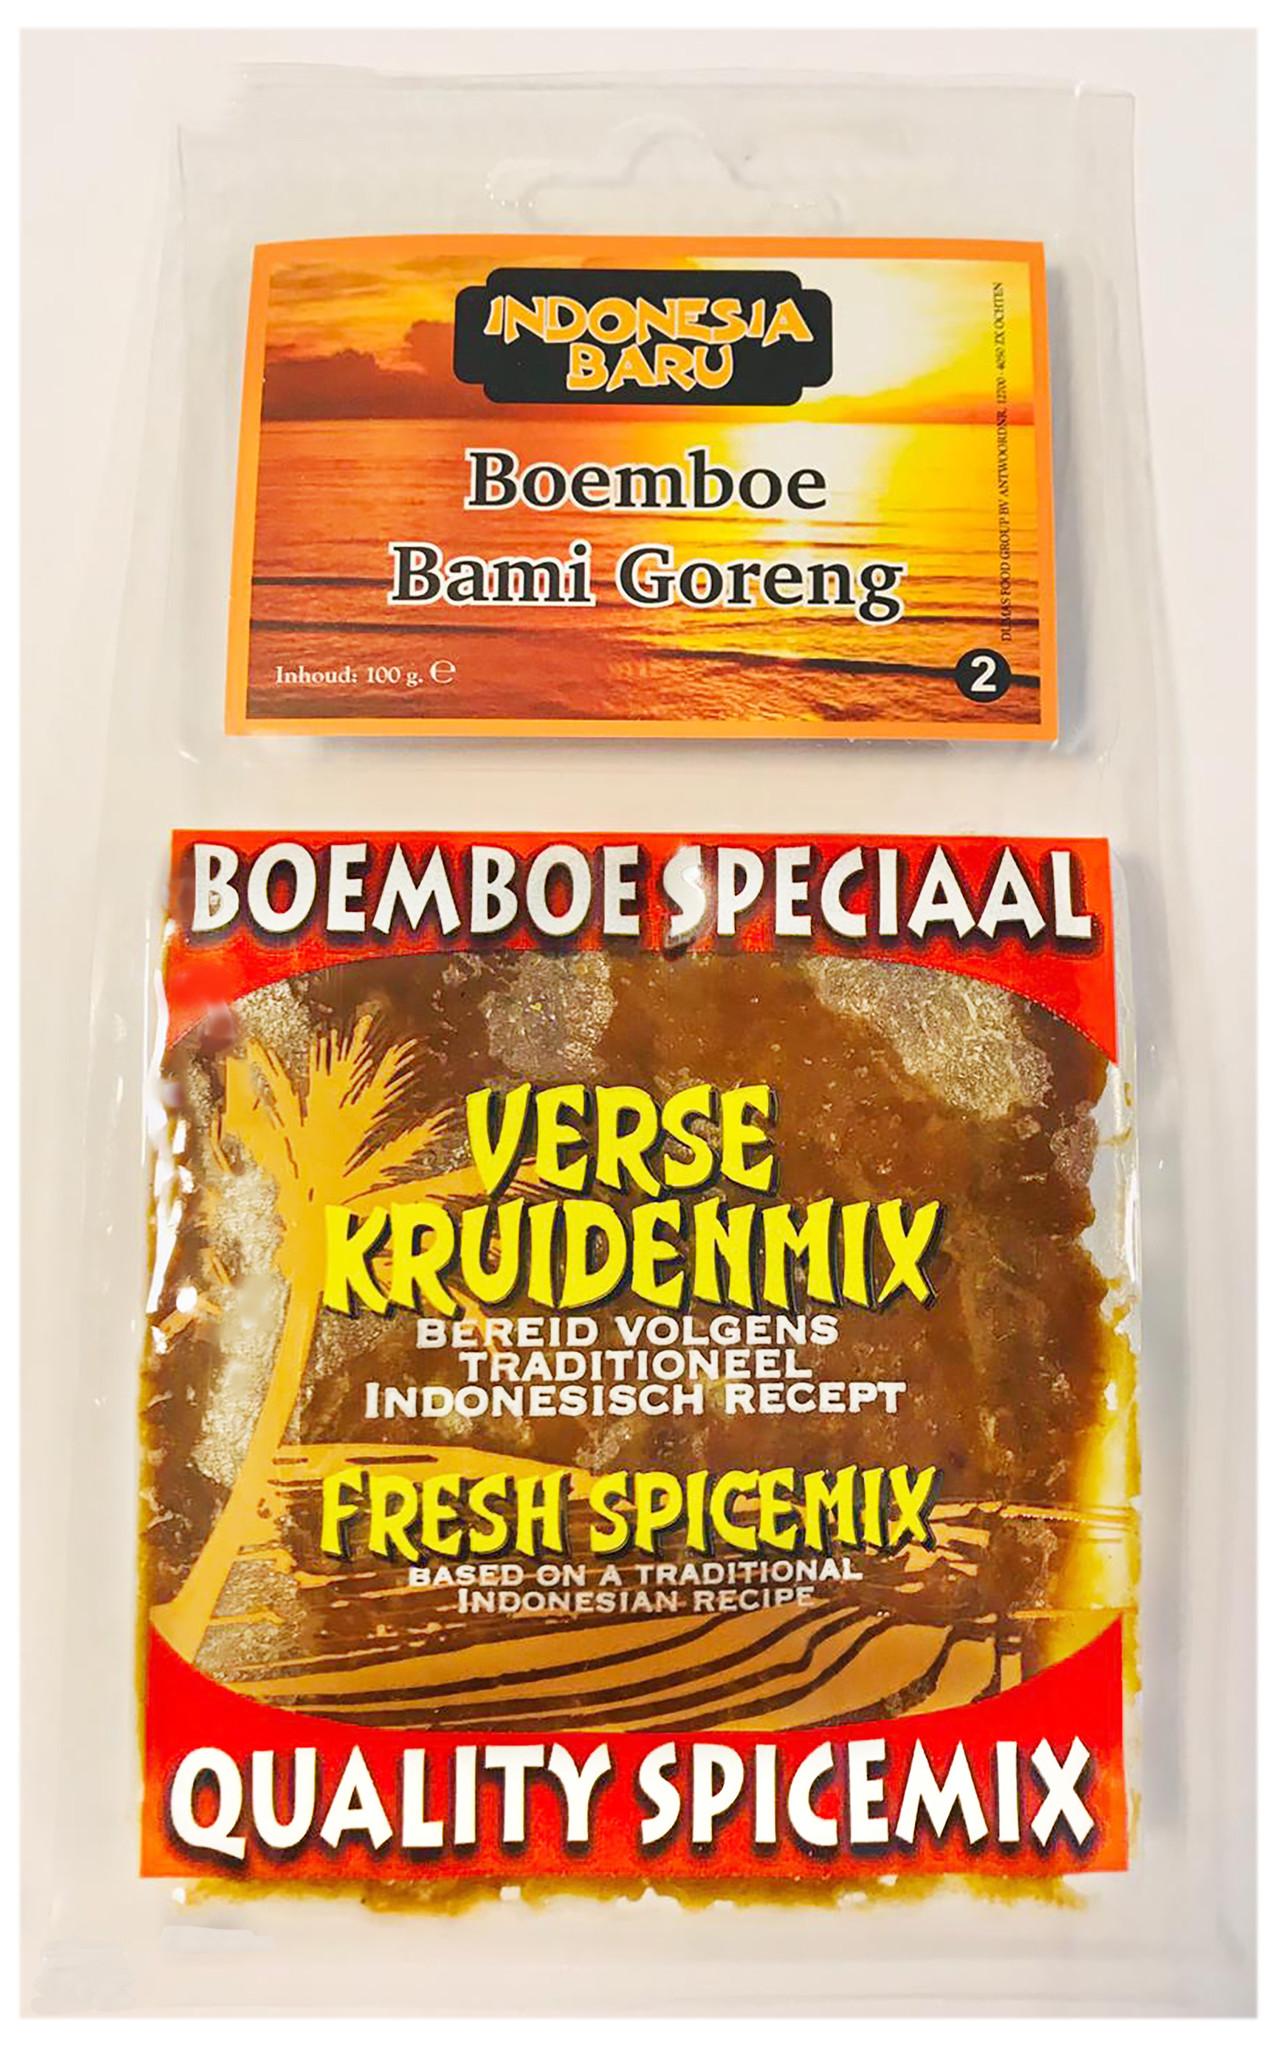 Boemboe Bami